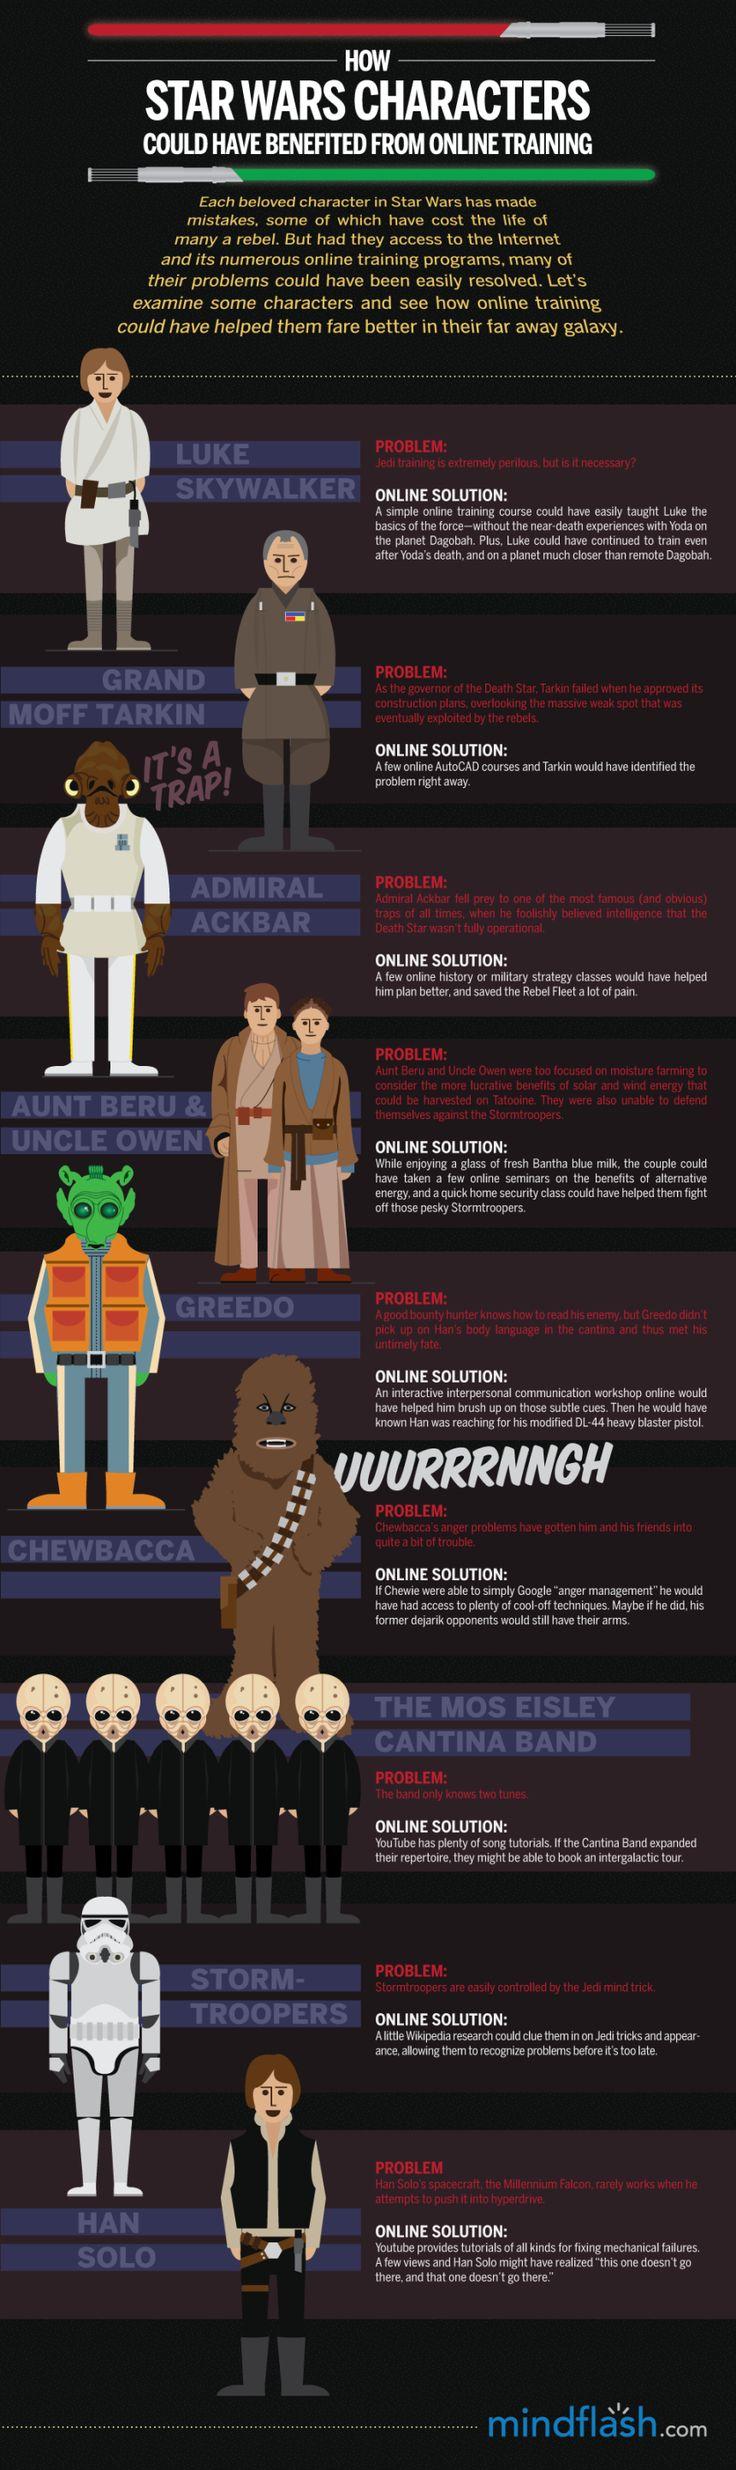 Si los protagonistas de Star Wars usaran educación online